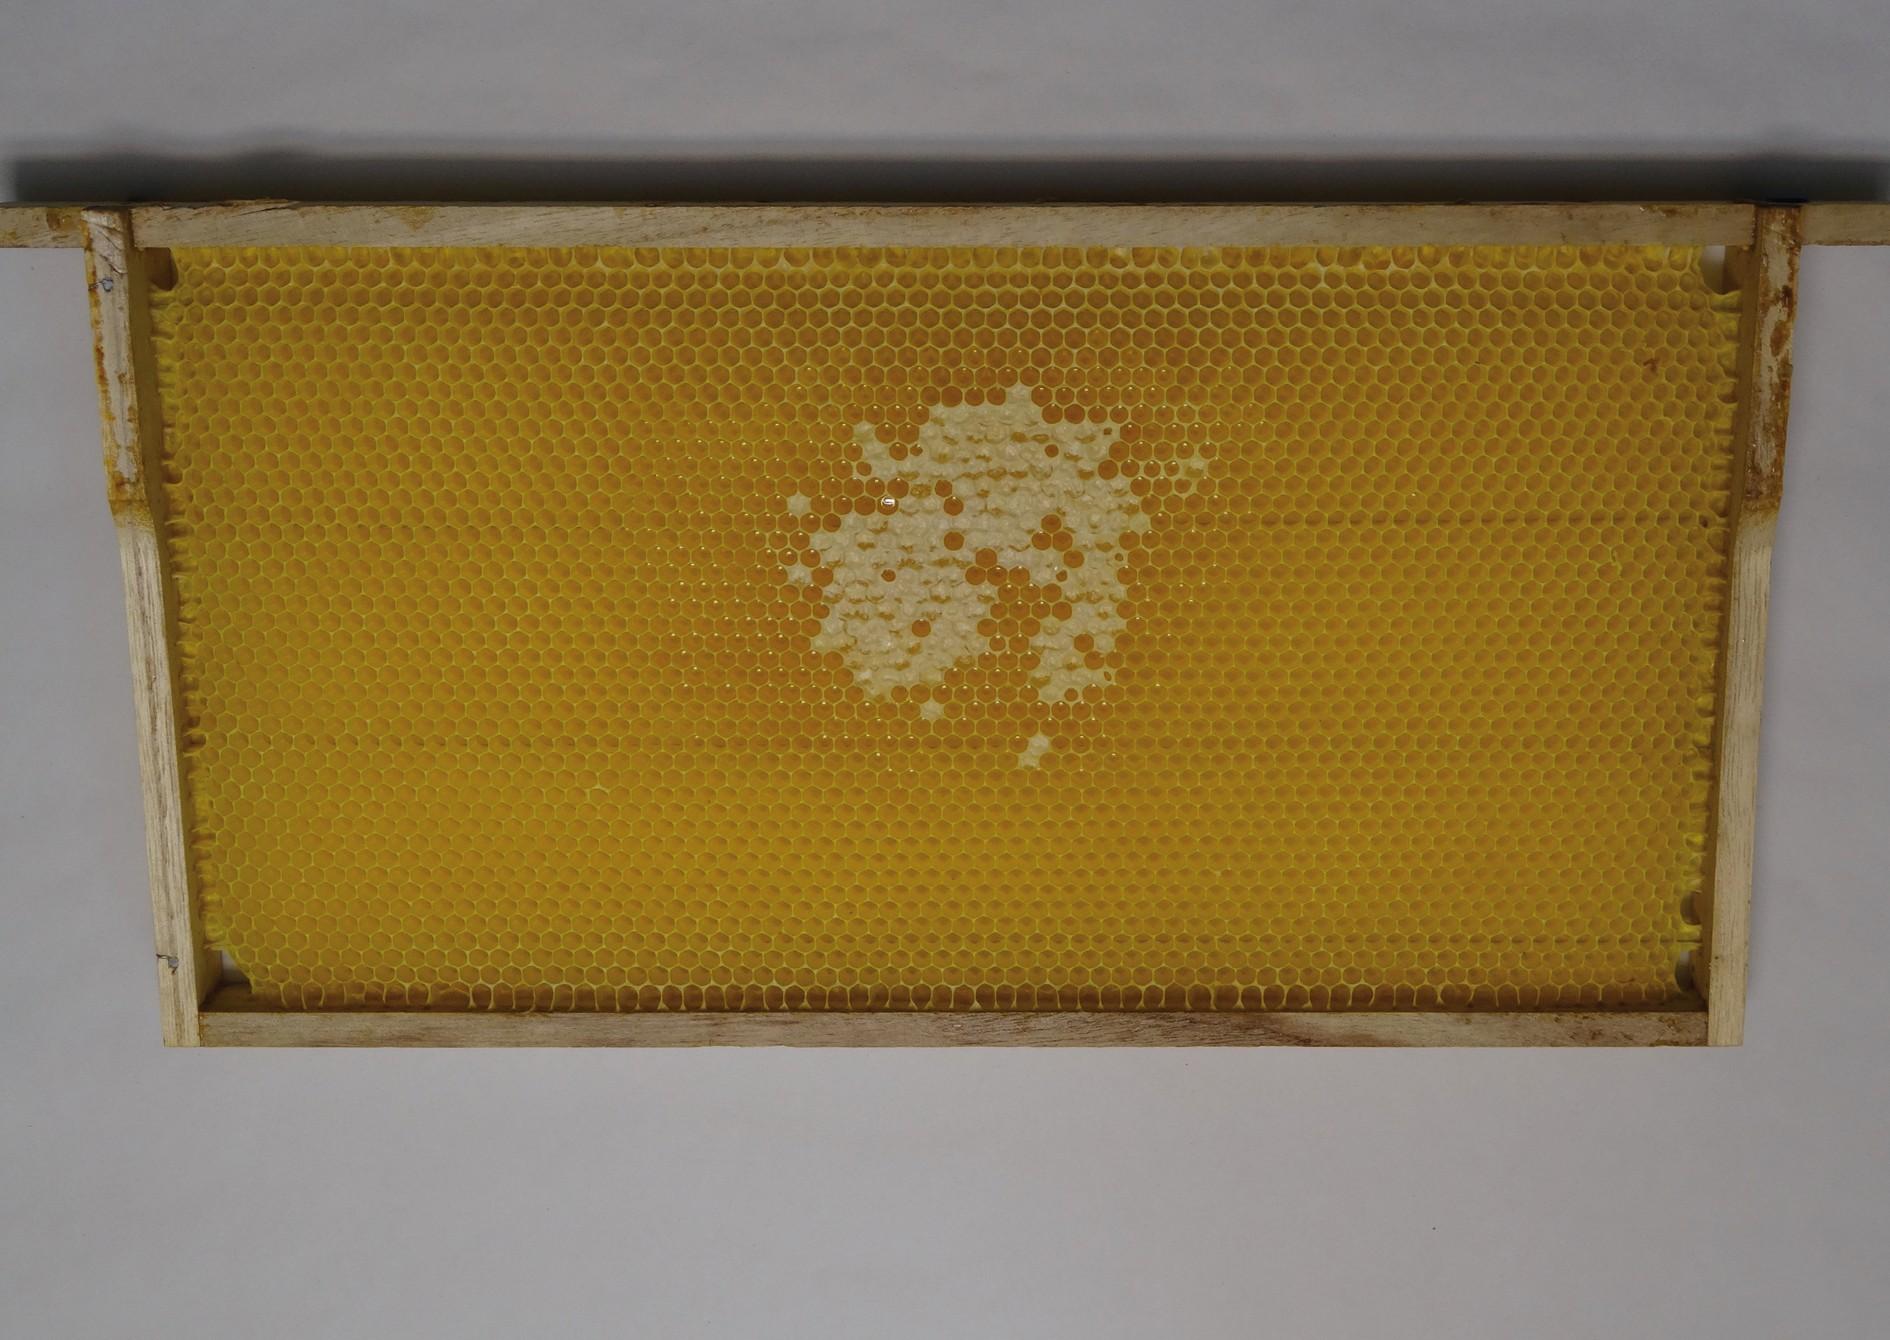 Bild 4. Waben, in die die Bienen wie hier Honig oder Pollen einlagern, bauen sie in der Regel auf vorgefertigte Wachsmittelwände in vom Imker eingehängten Rahmen auf.  Bild: Monica Wäber